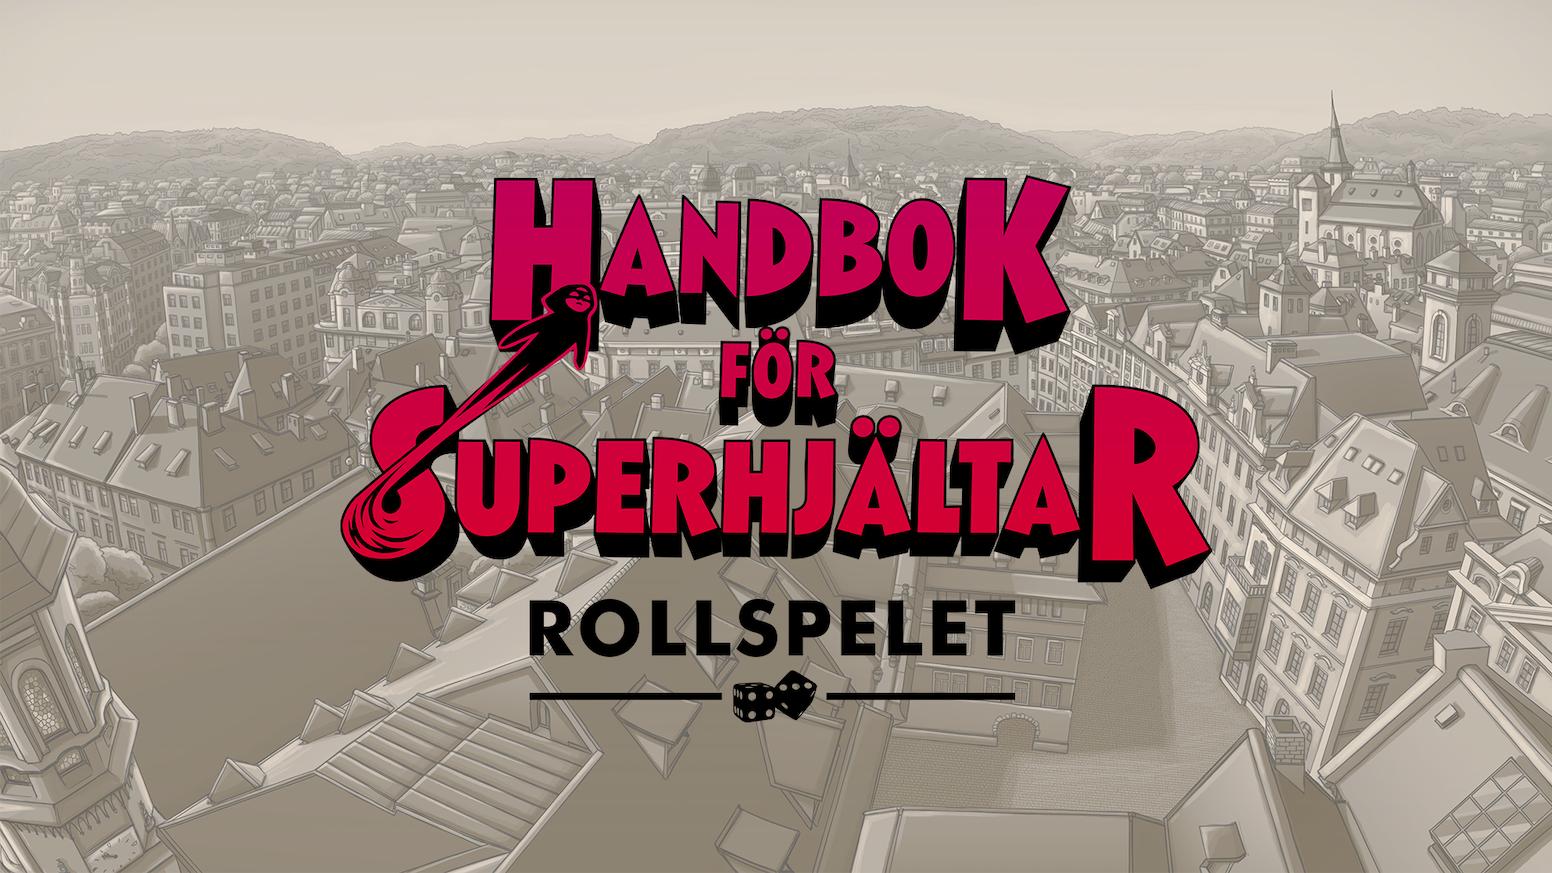 Handbok för Superhjältar blir rollspel för hela familjen! Nu kan alla bli hjältar och tillsammans bekämpa superskurkar precis som Lisa.